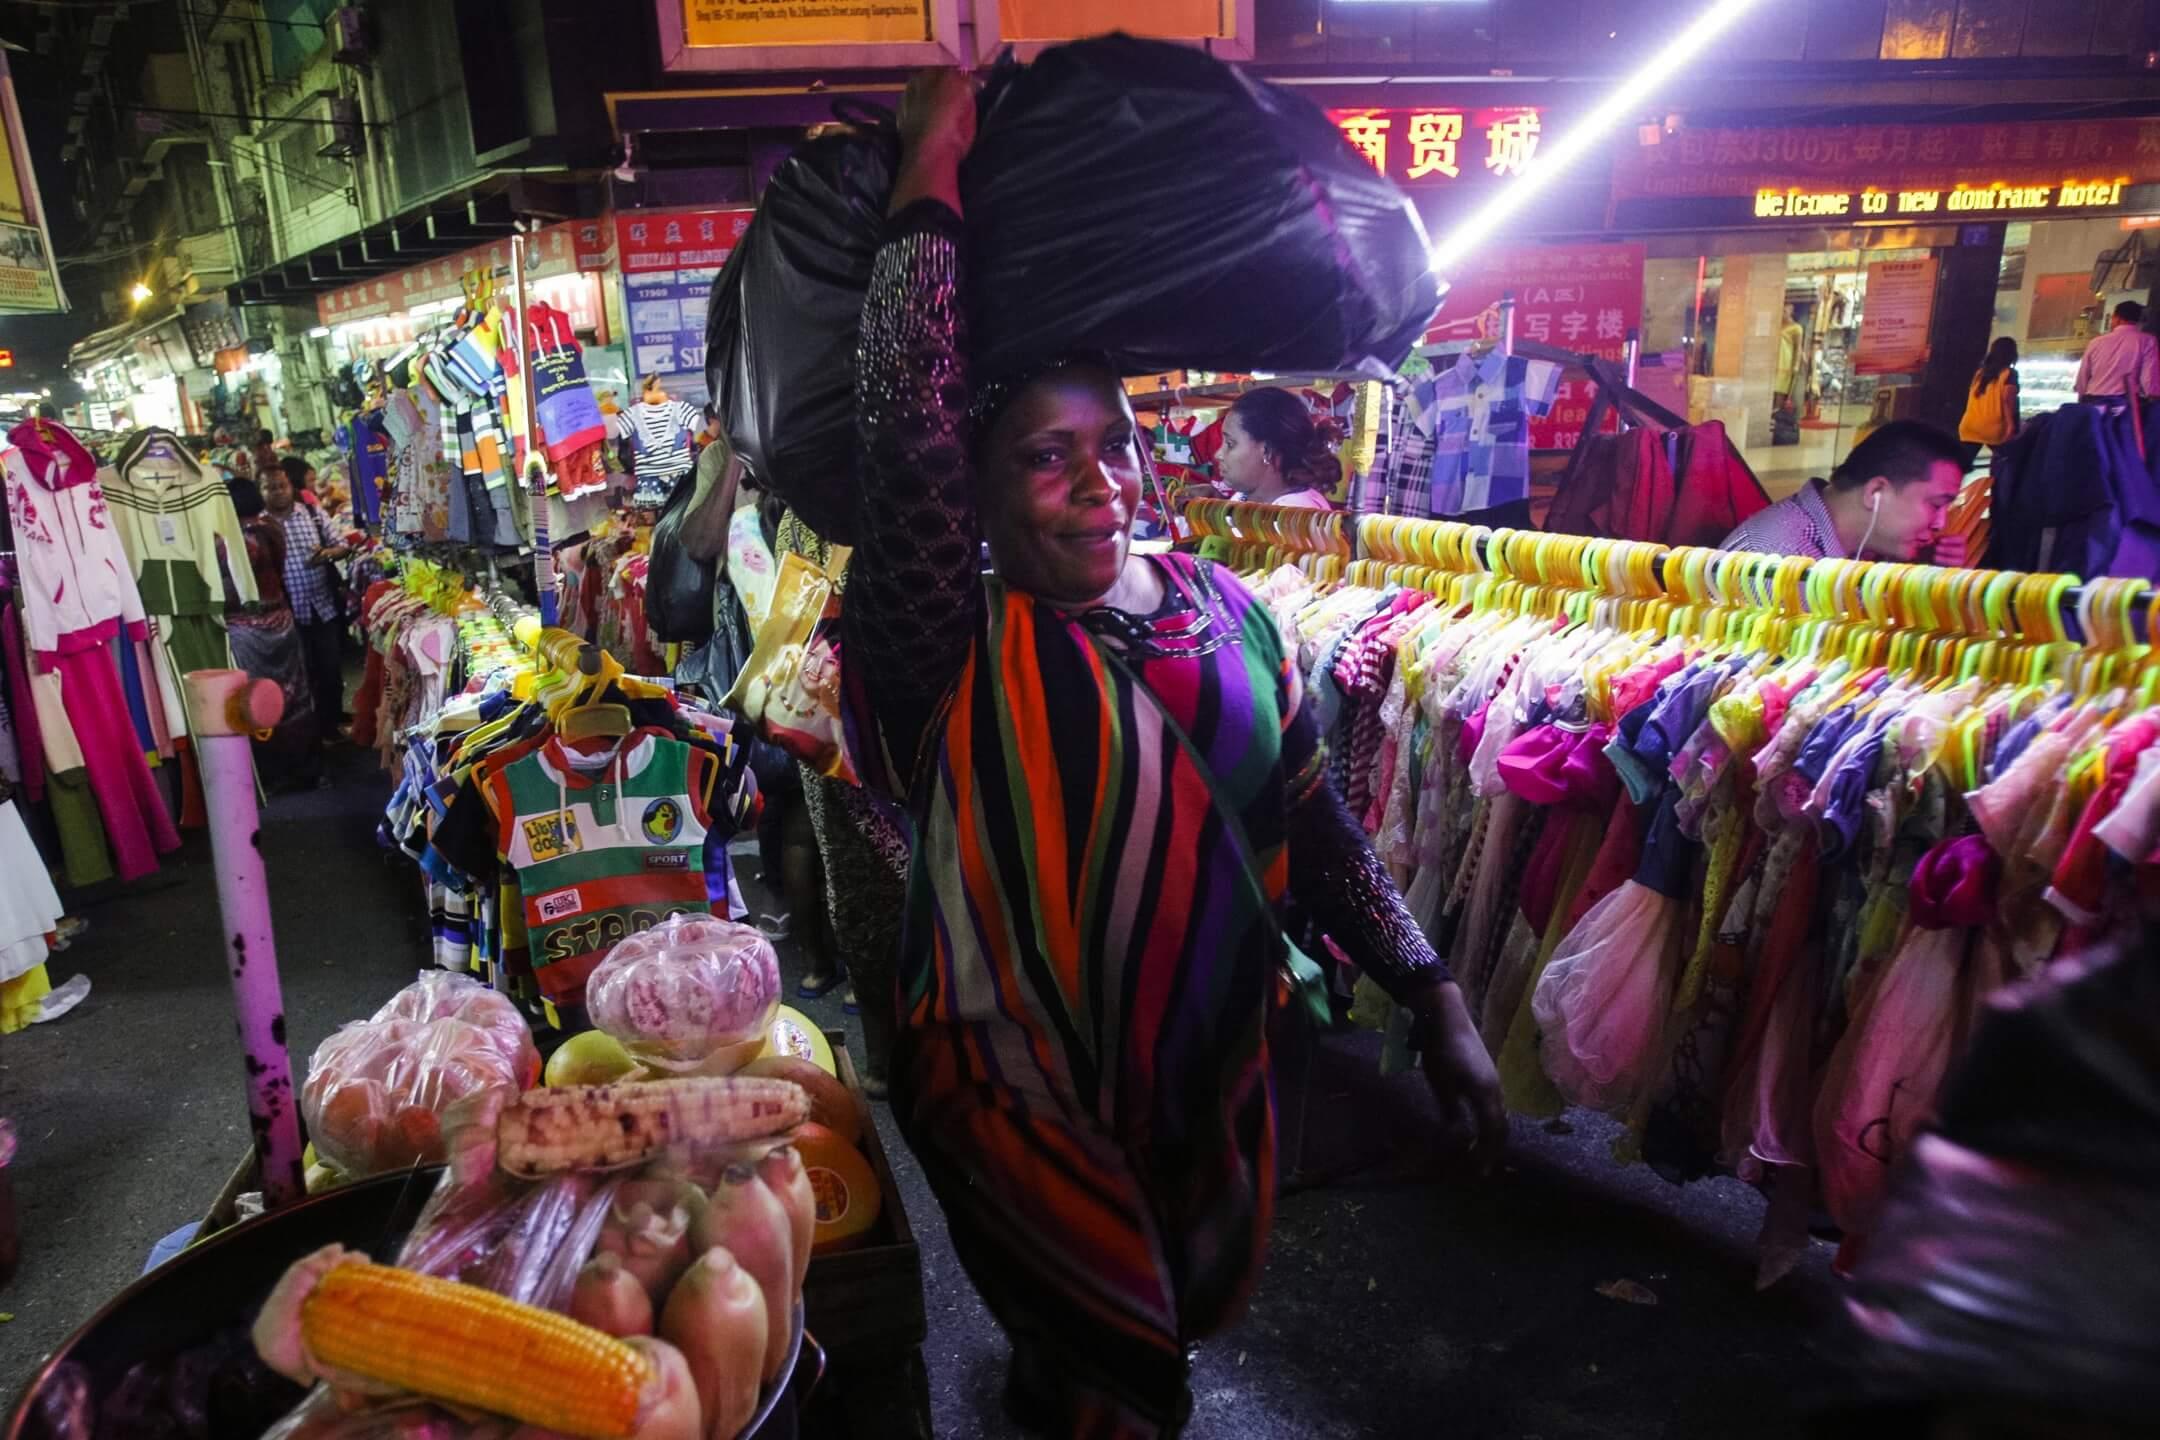 2014年,廣州小北,一名非裔移民在市集購物。 攝:Aleksandar Plavevski/Anadolu Agency/Getty Images